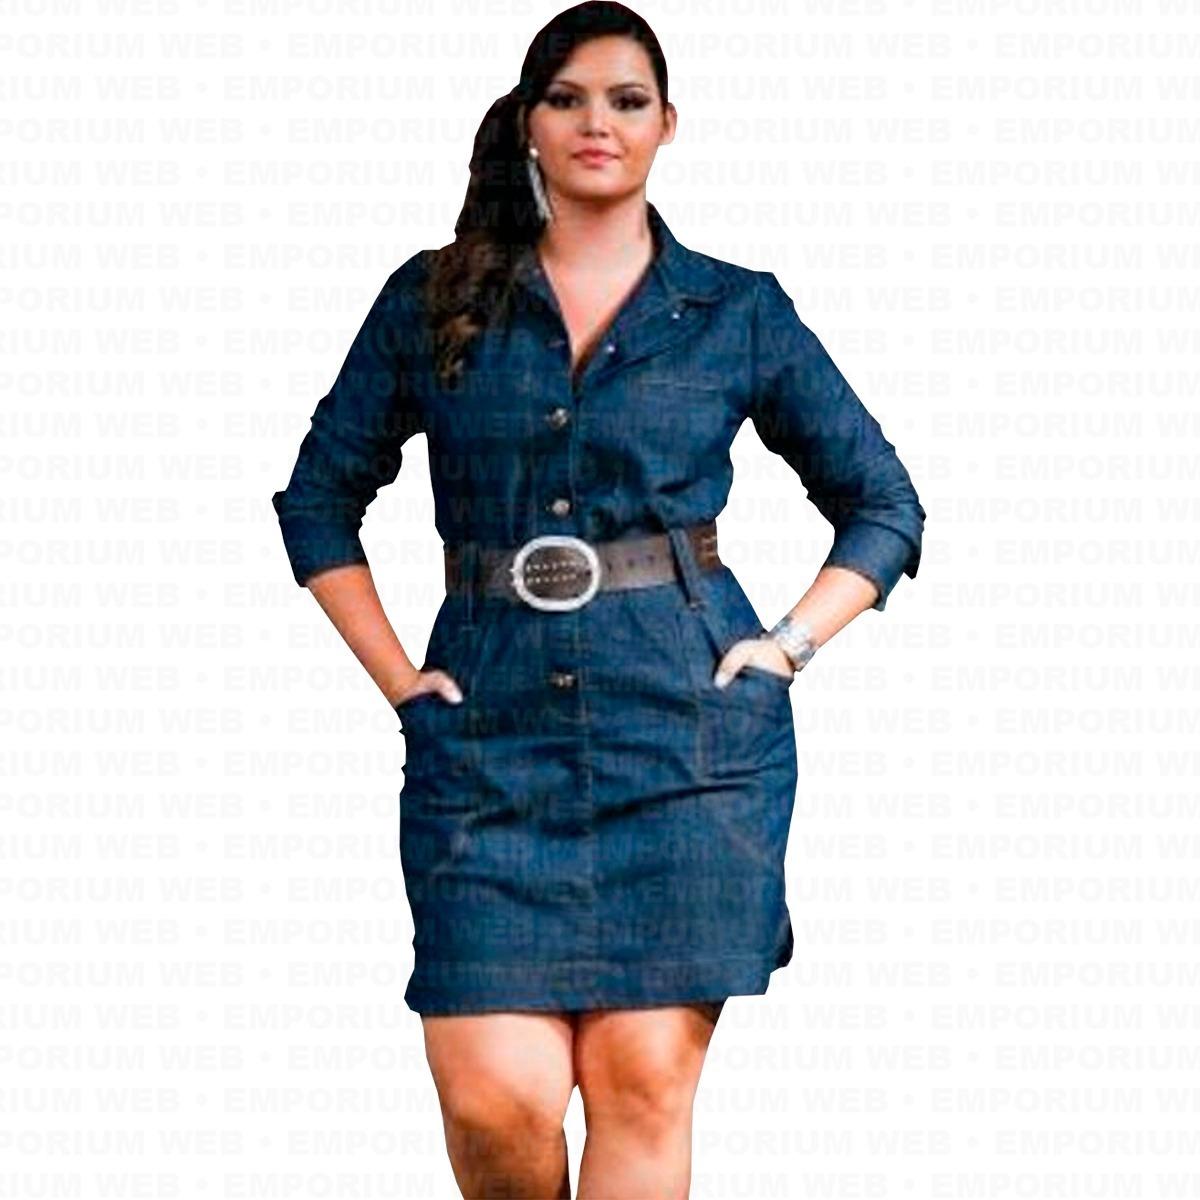 53af7734a275 vestido jeans manga longa plus size g1 g2 g3 moda sucesso. Carregando zoom.